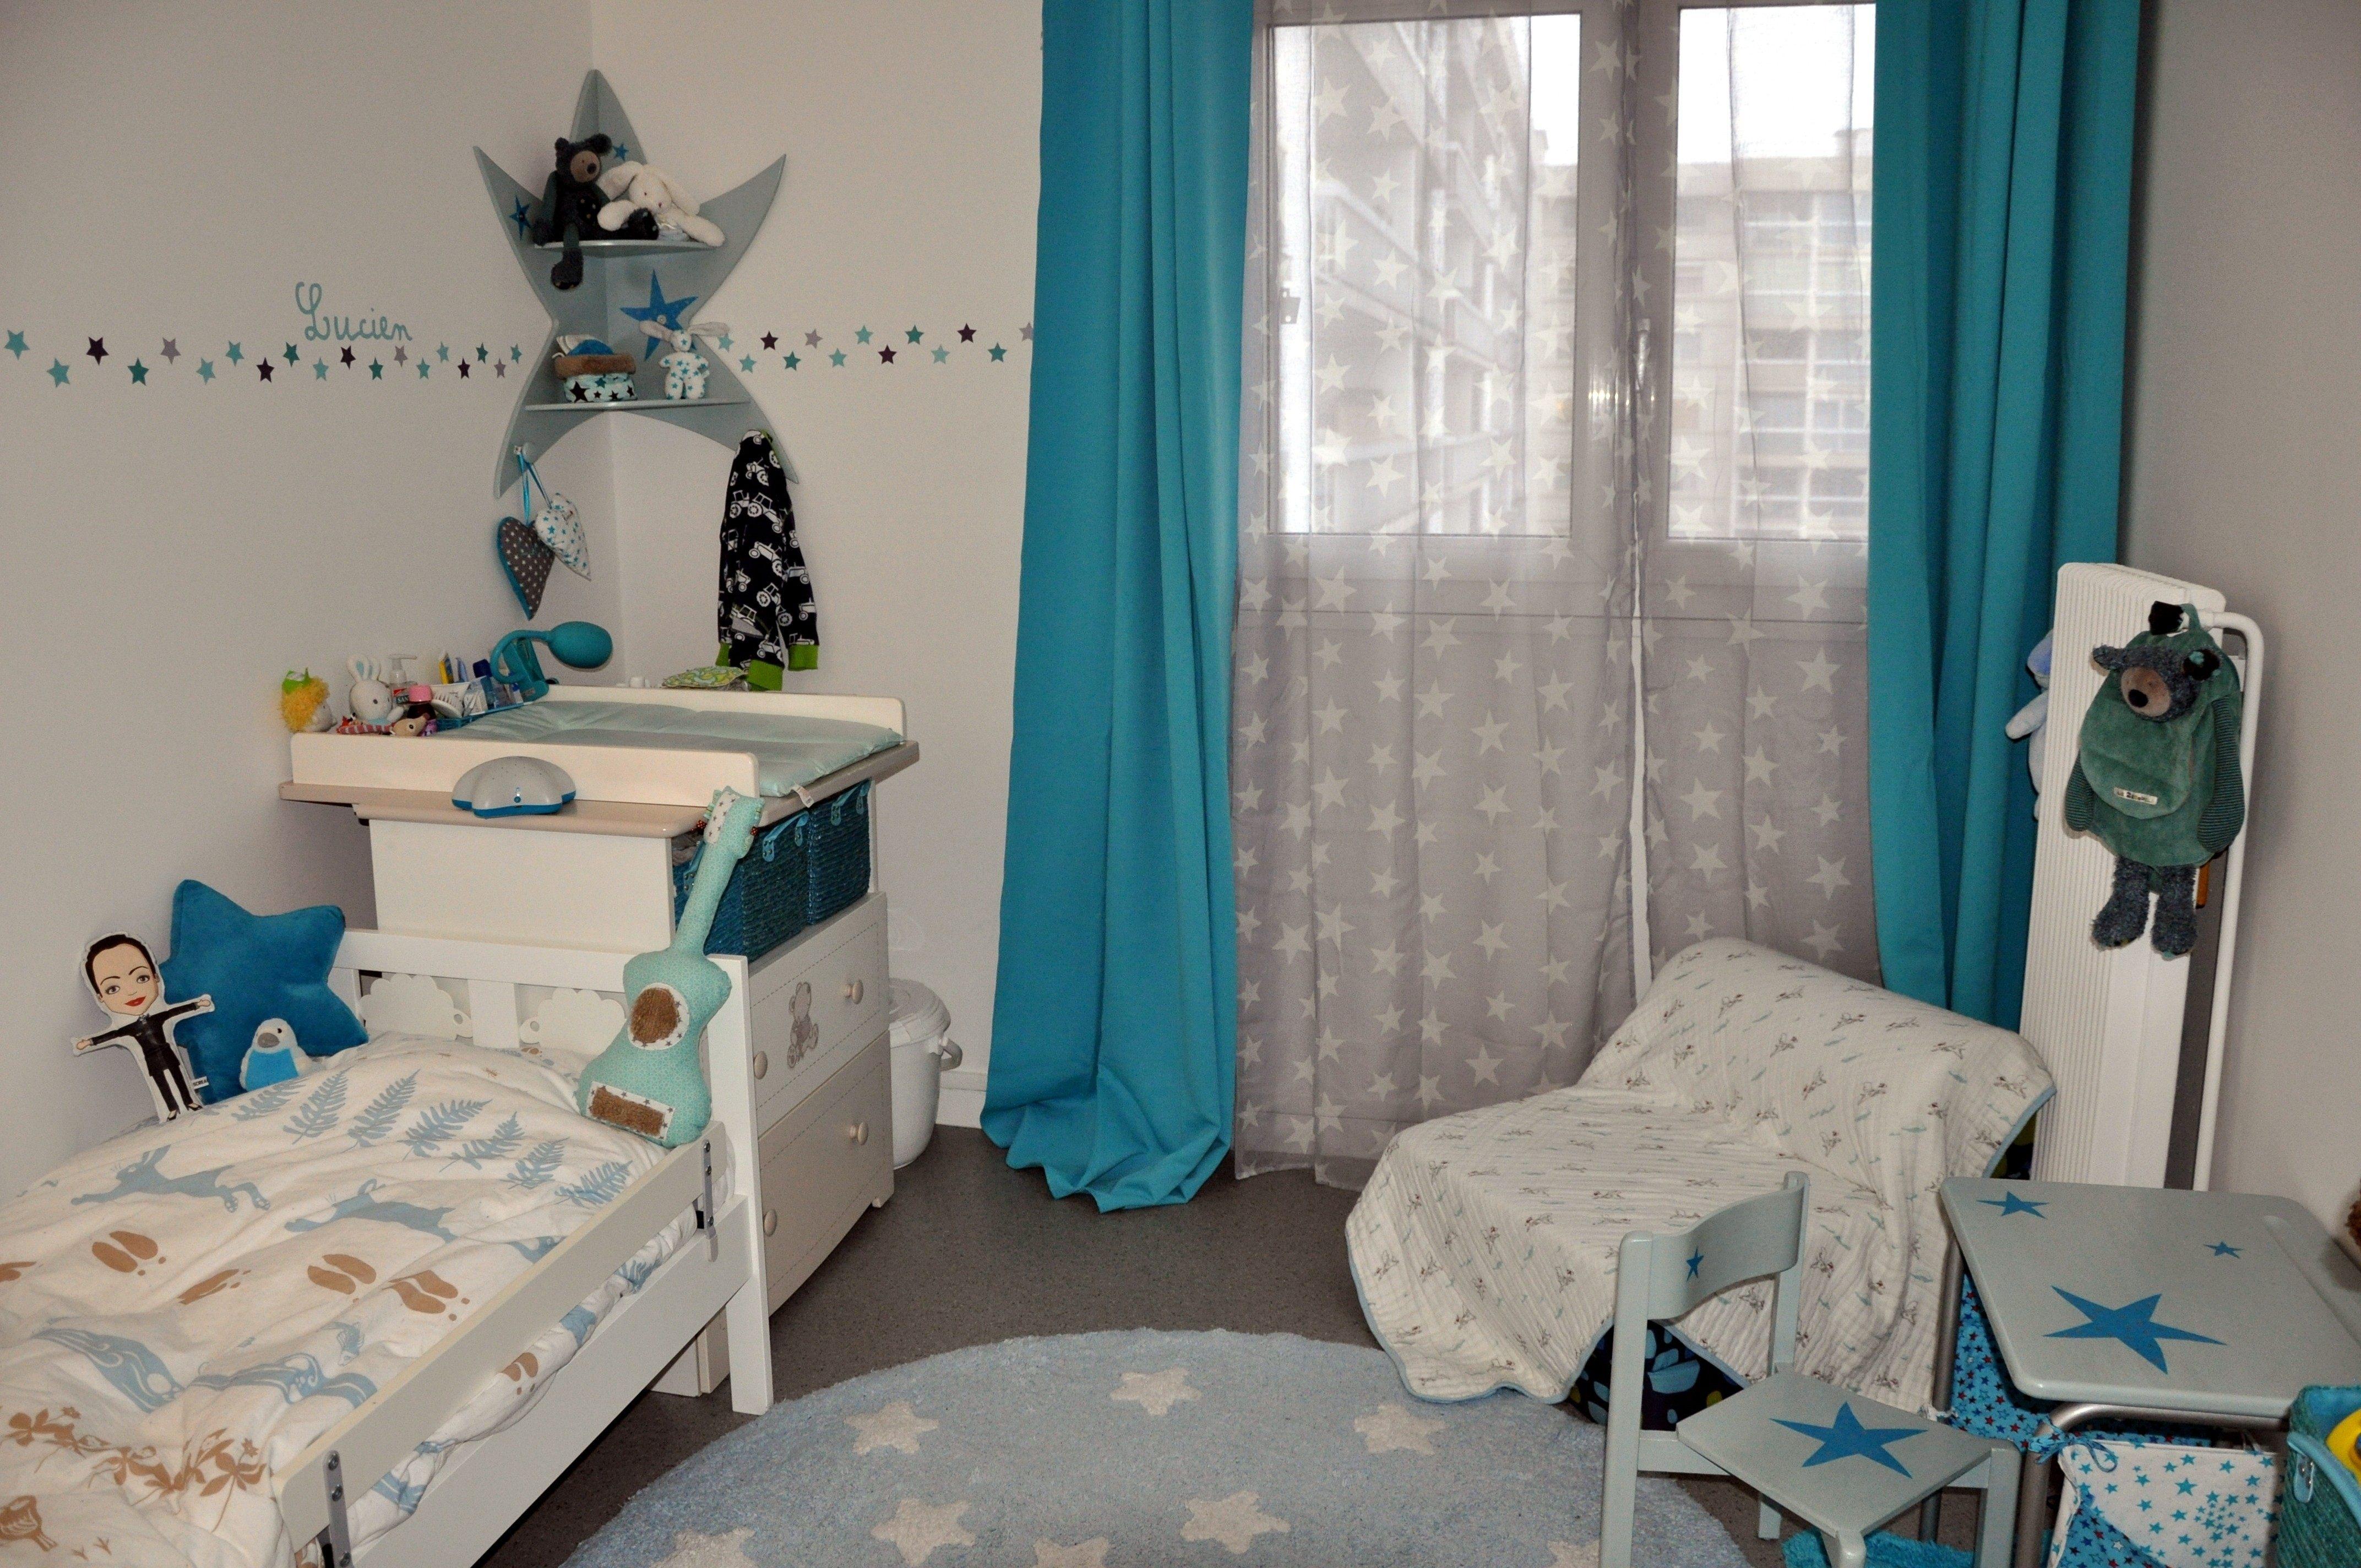 Lit Bébé Hensvik Charmant Chambre Bébé Montessori Awesome Article with Tag Rangement Lit Fly